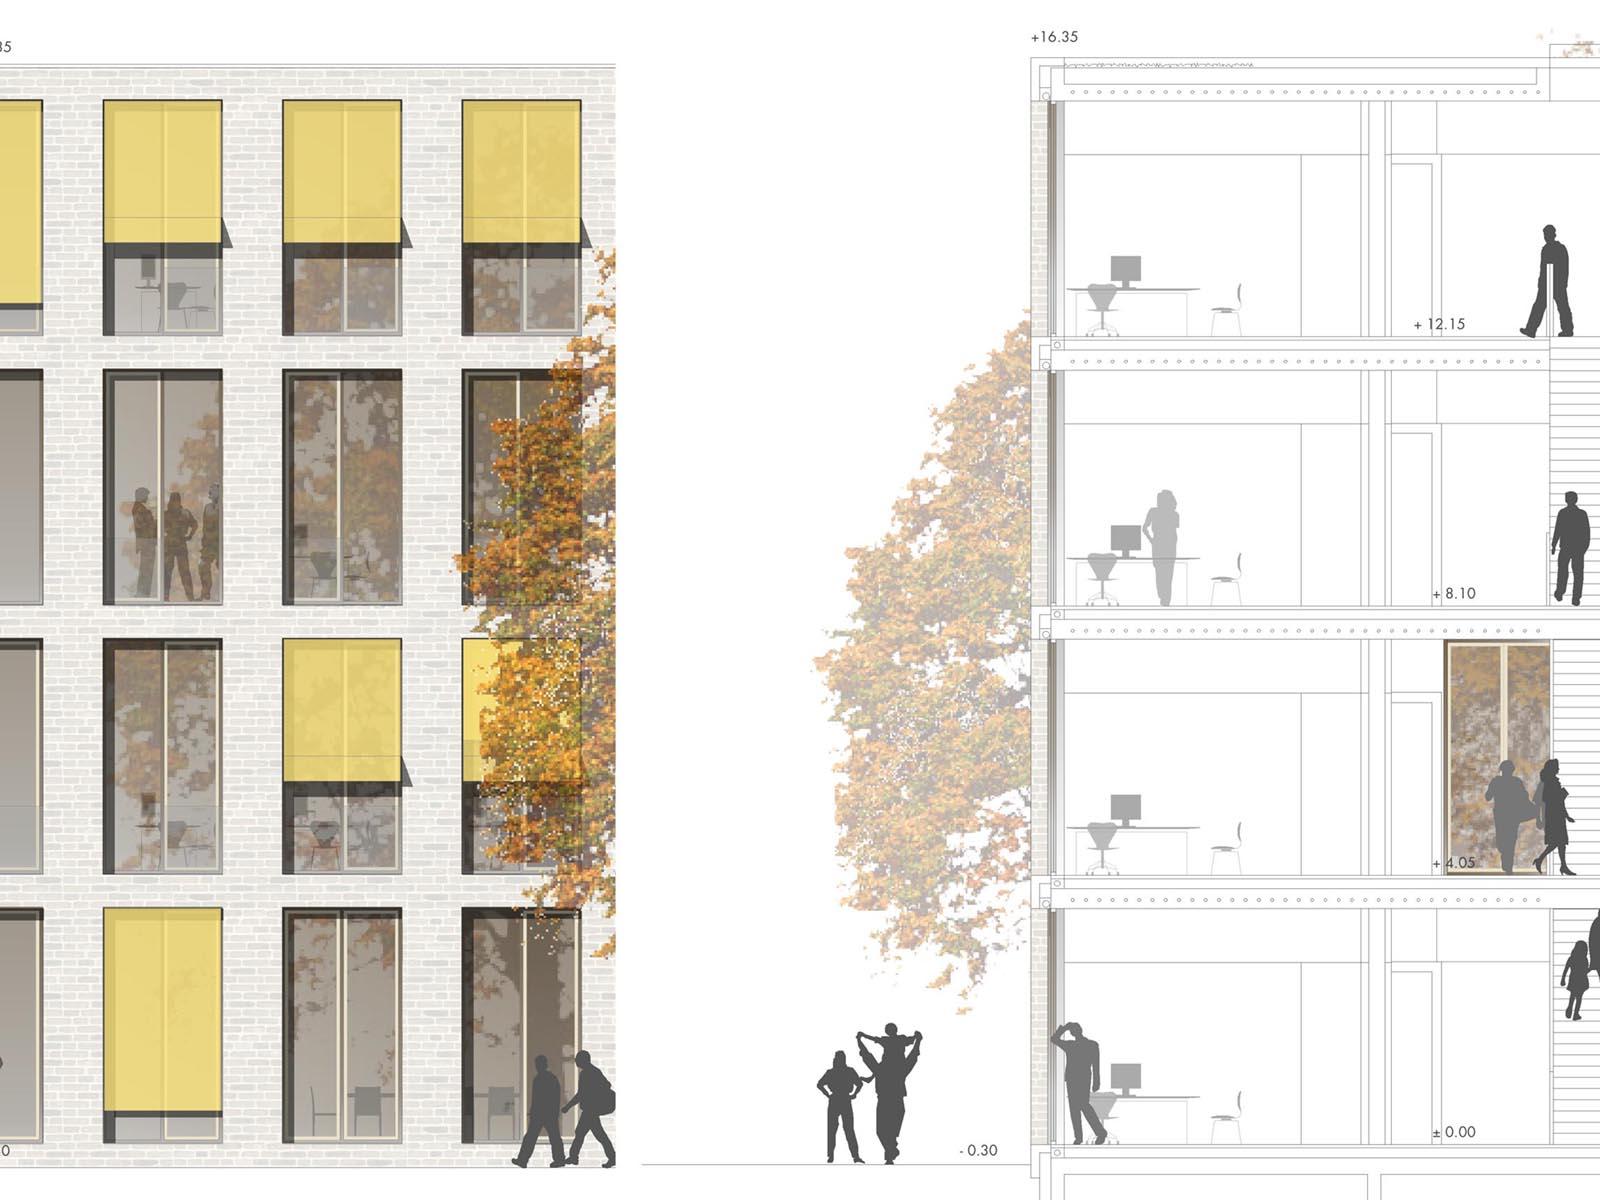 Detail-Neubau-Rathaus-Kolbermoor-Wettbewerb-4.Preis-2010-© Friedrich-Poerschke-Zwink-Architekten